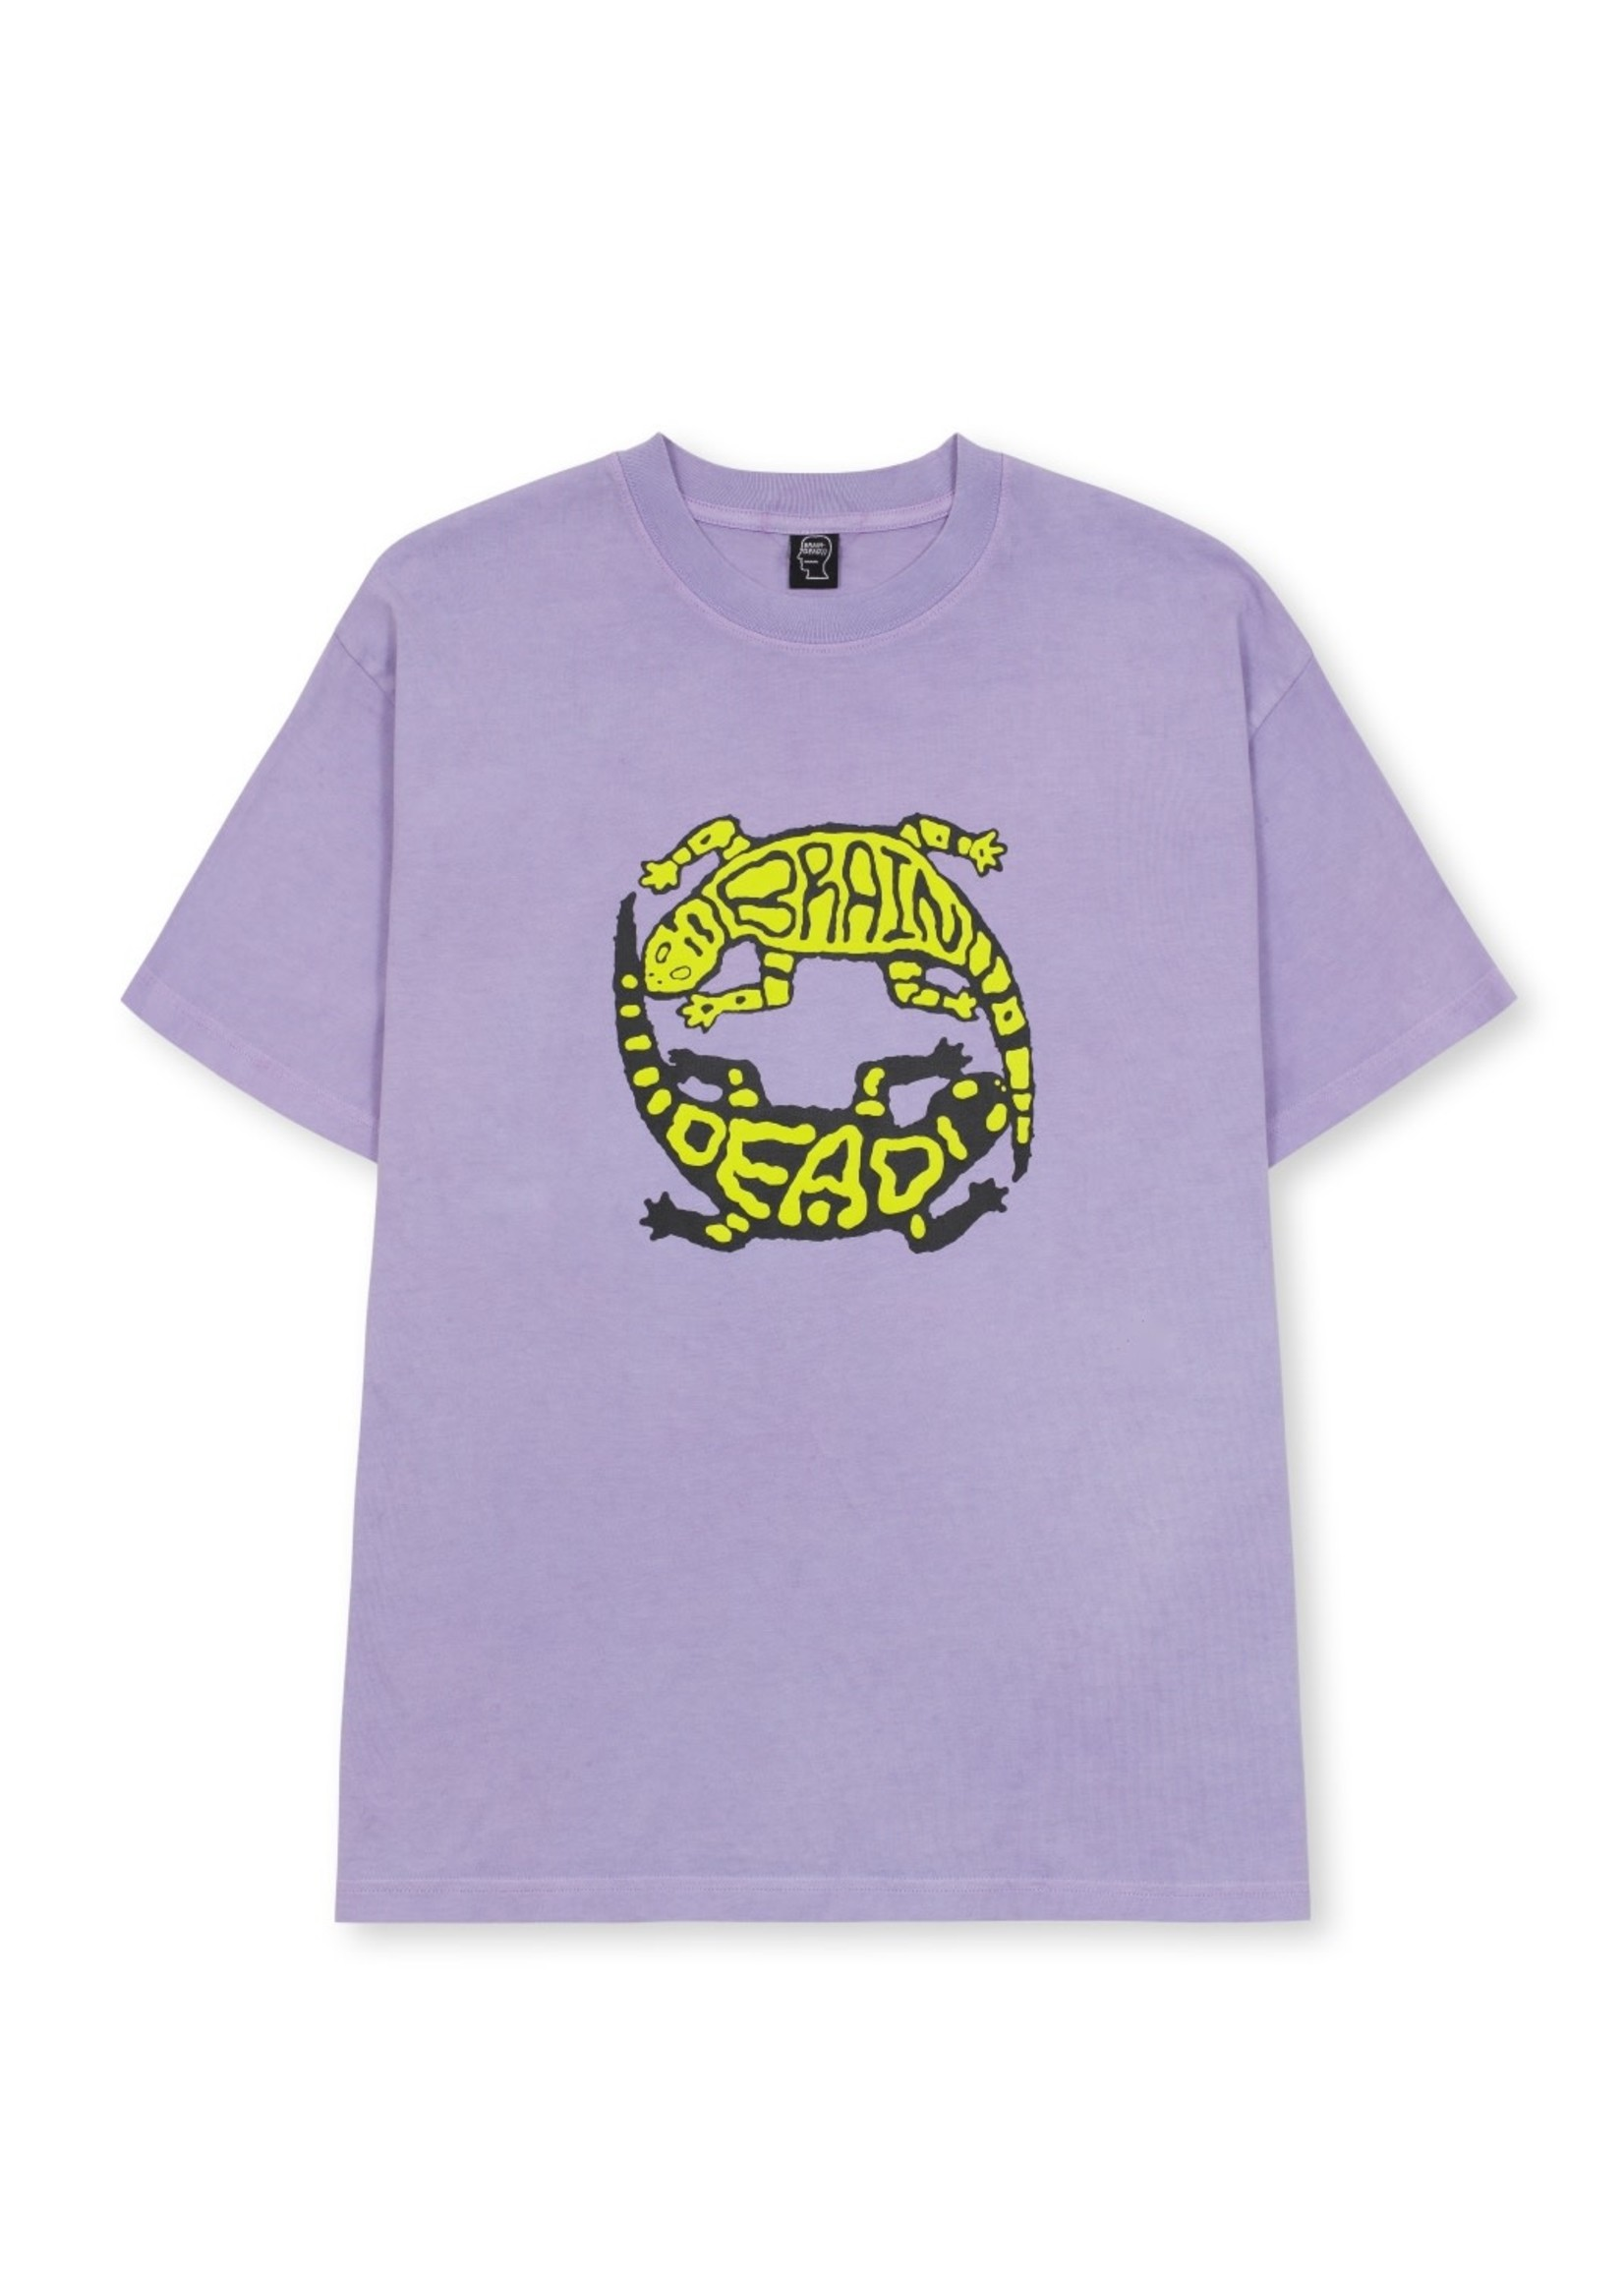 Brain Dead Lizard Lock T-shirt in Lavender